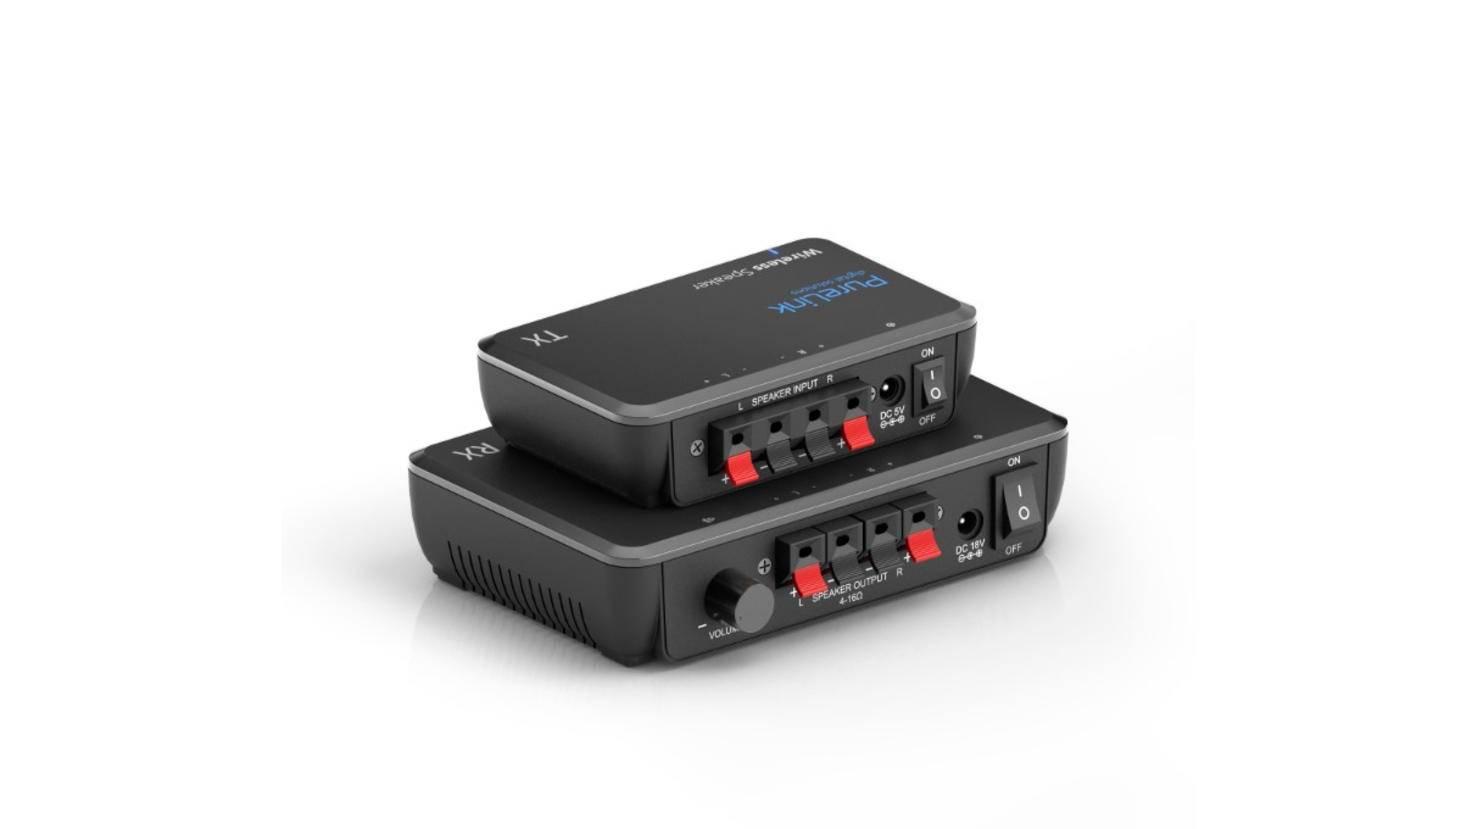 purelink-csw600-wireless-speaker-extender